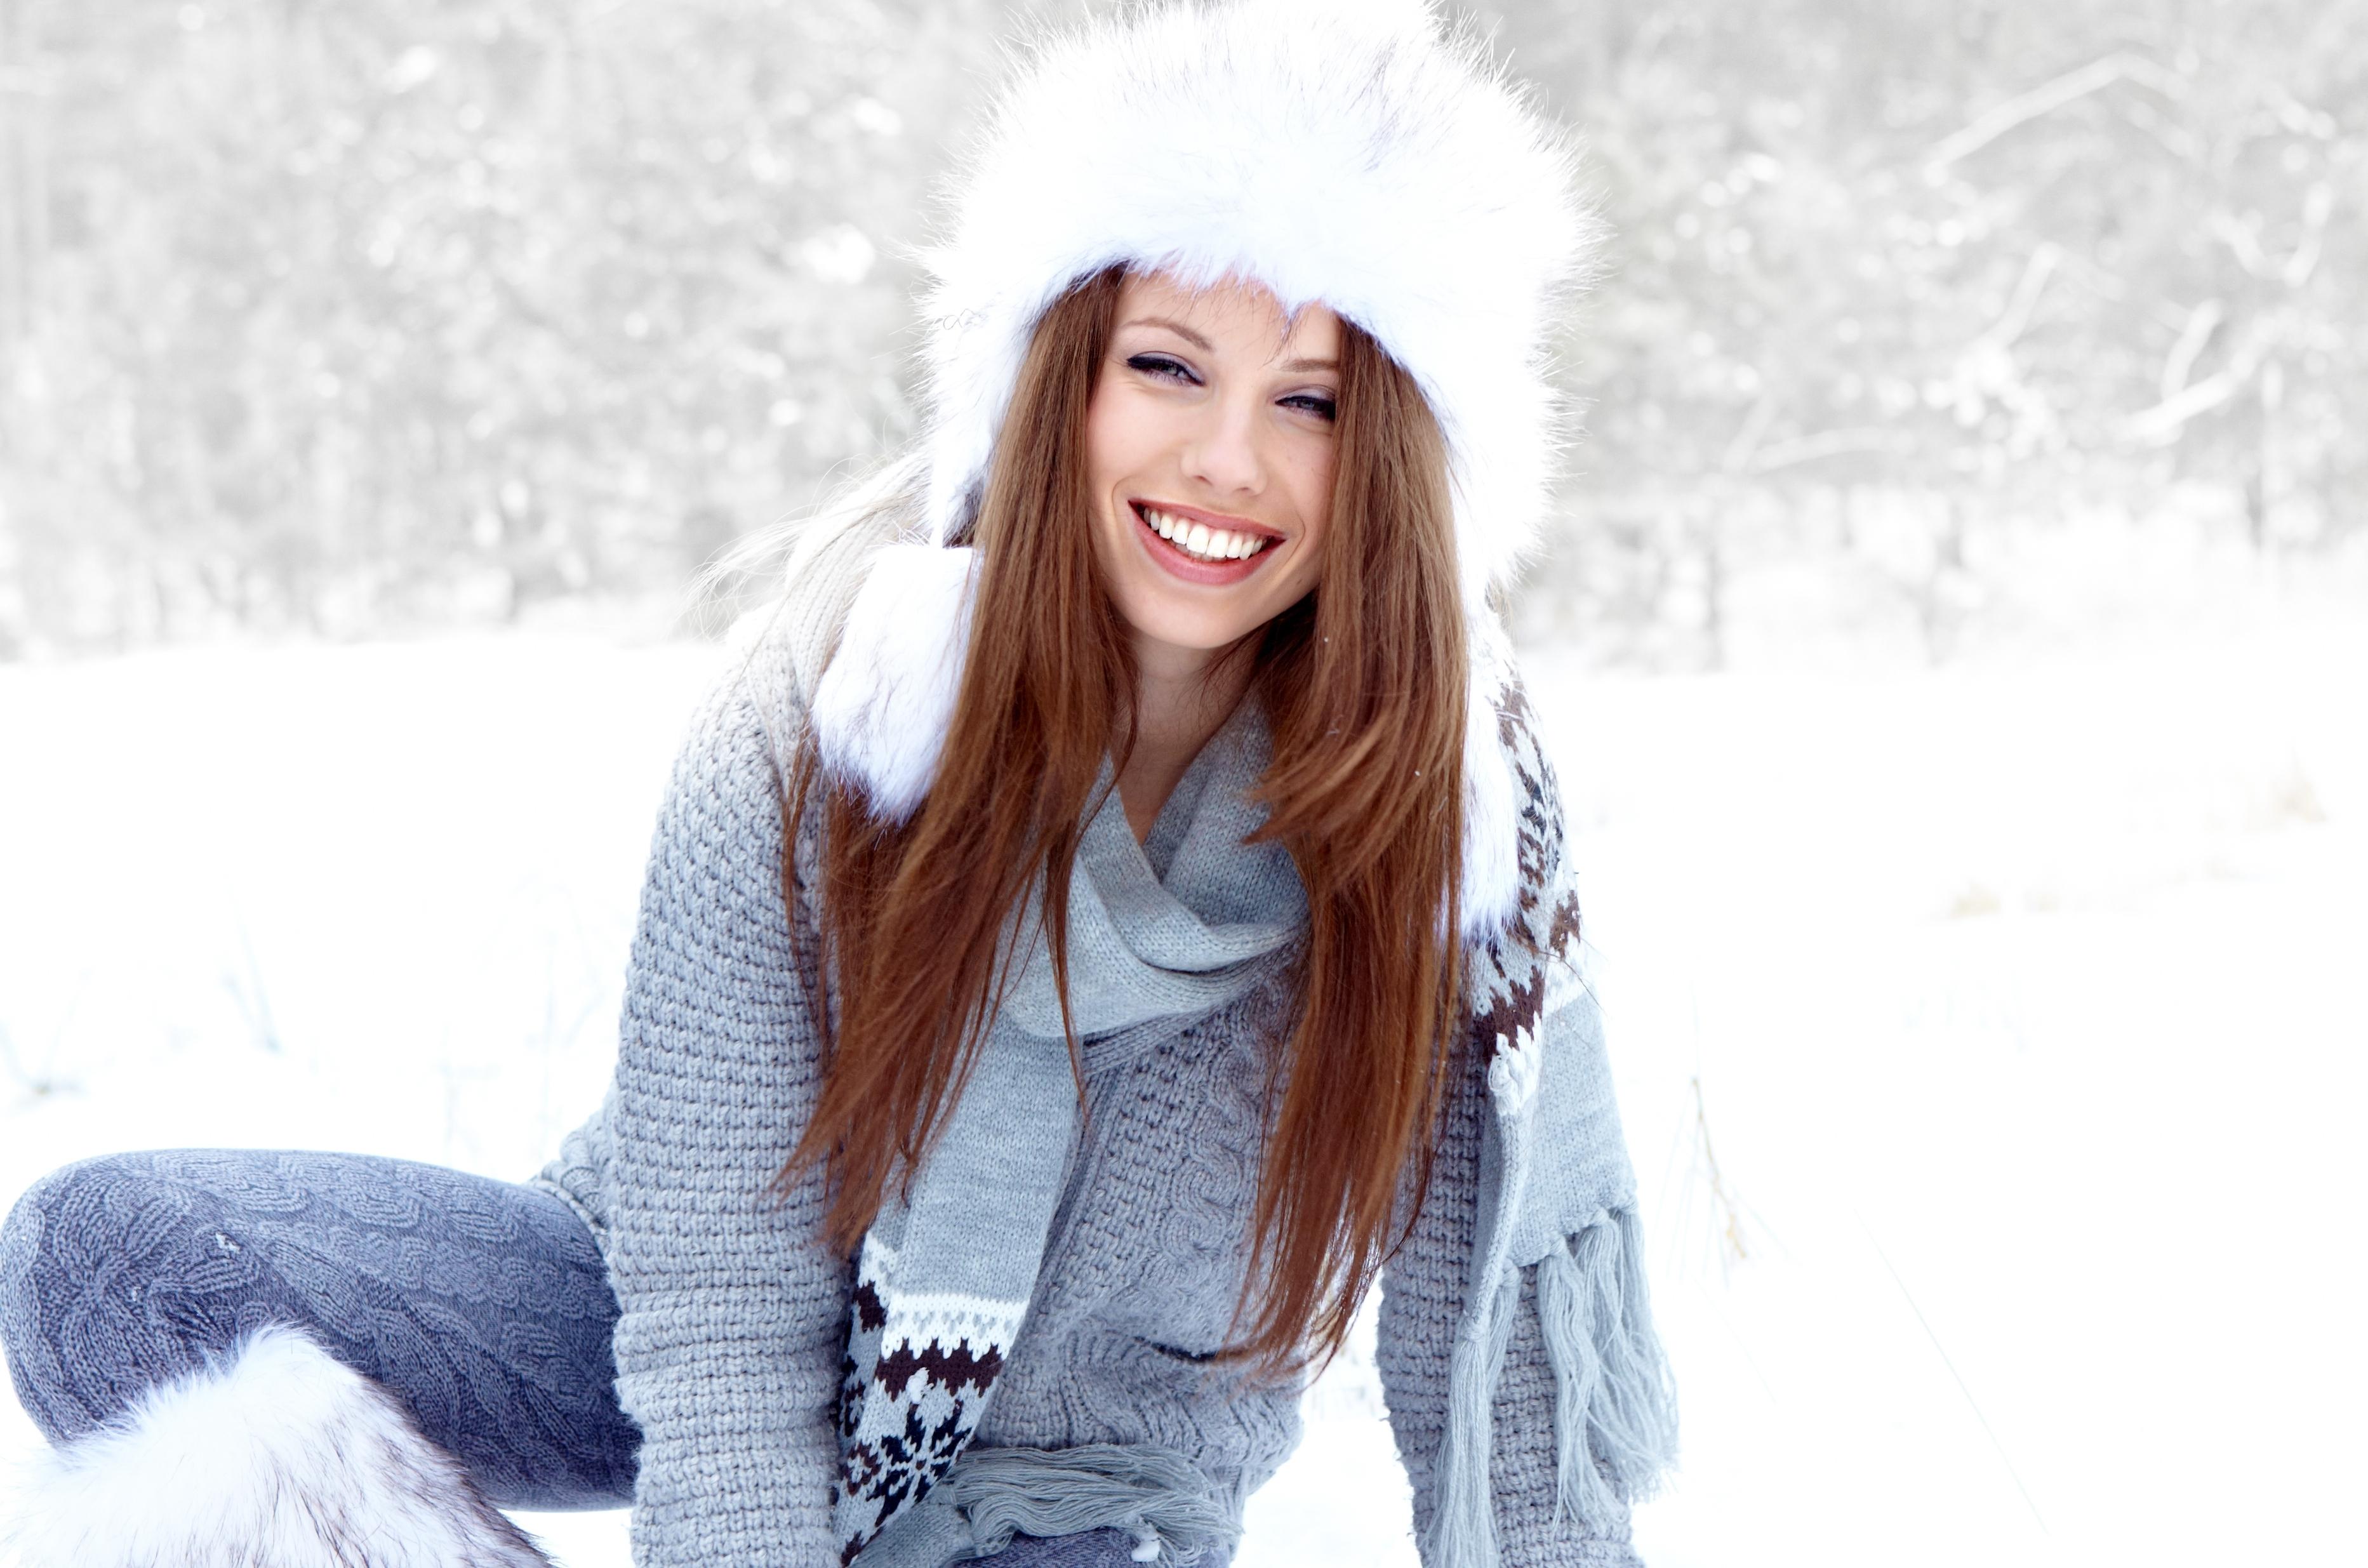 Фото девушек на фоне зимы 4 фотография